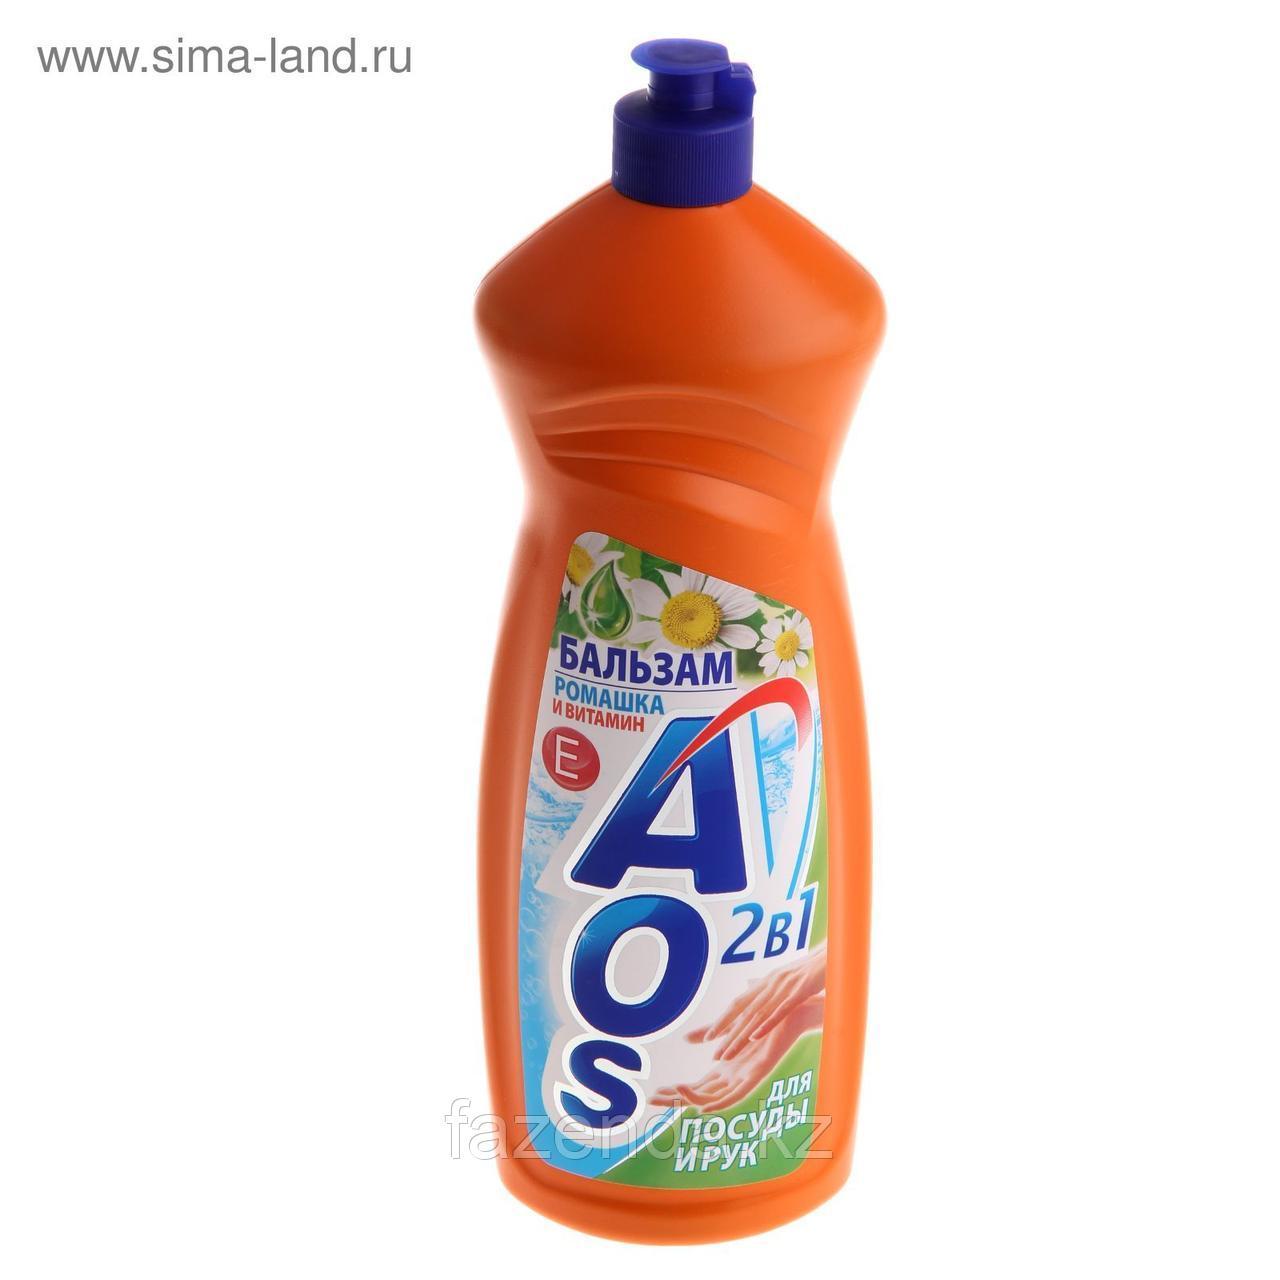 AOS Для посуды 900 мл